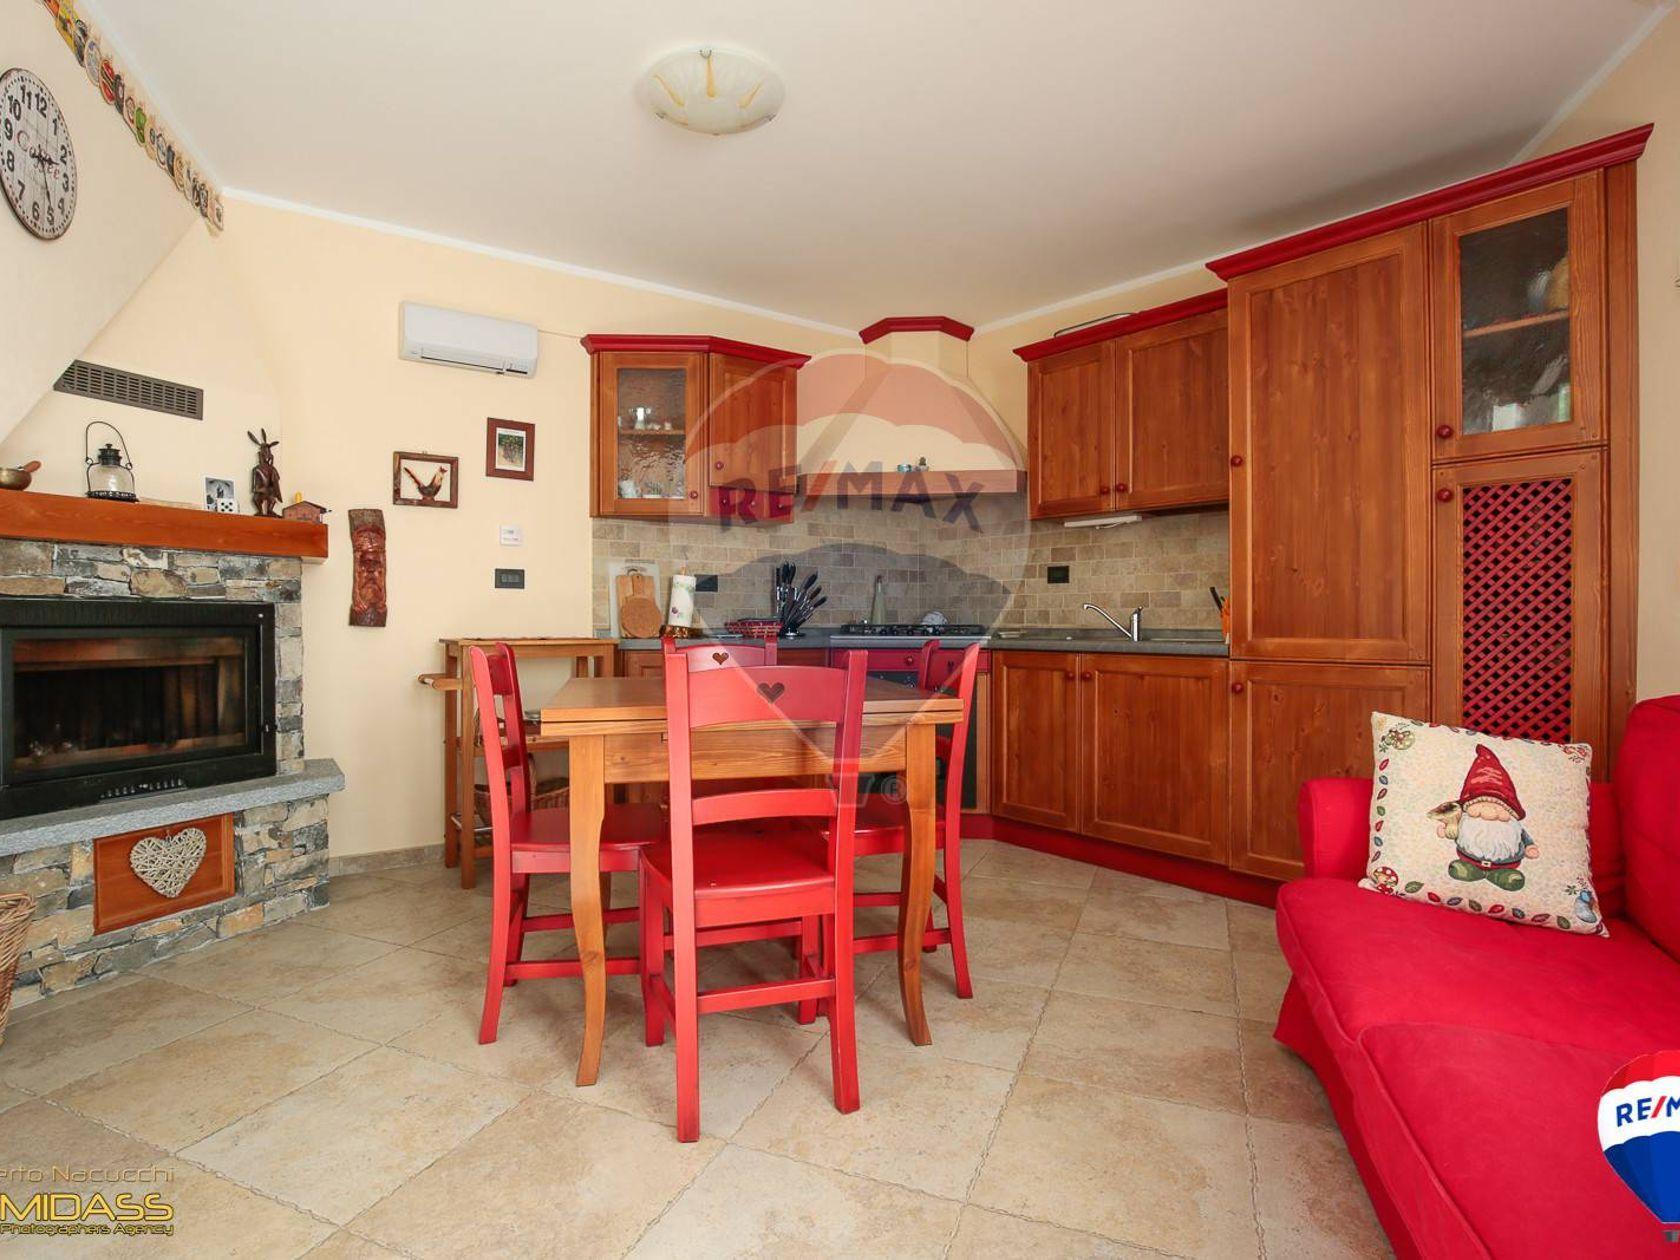 Vendita Porte A Genova casa semindipendente in vendita genova 34981001-32 | re/max